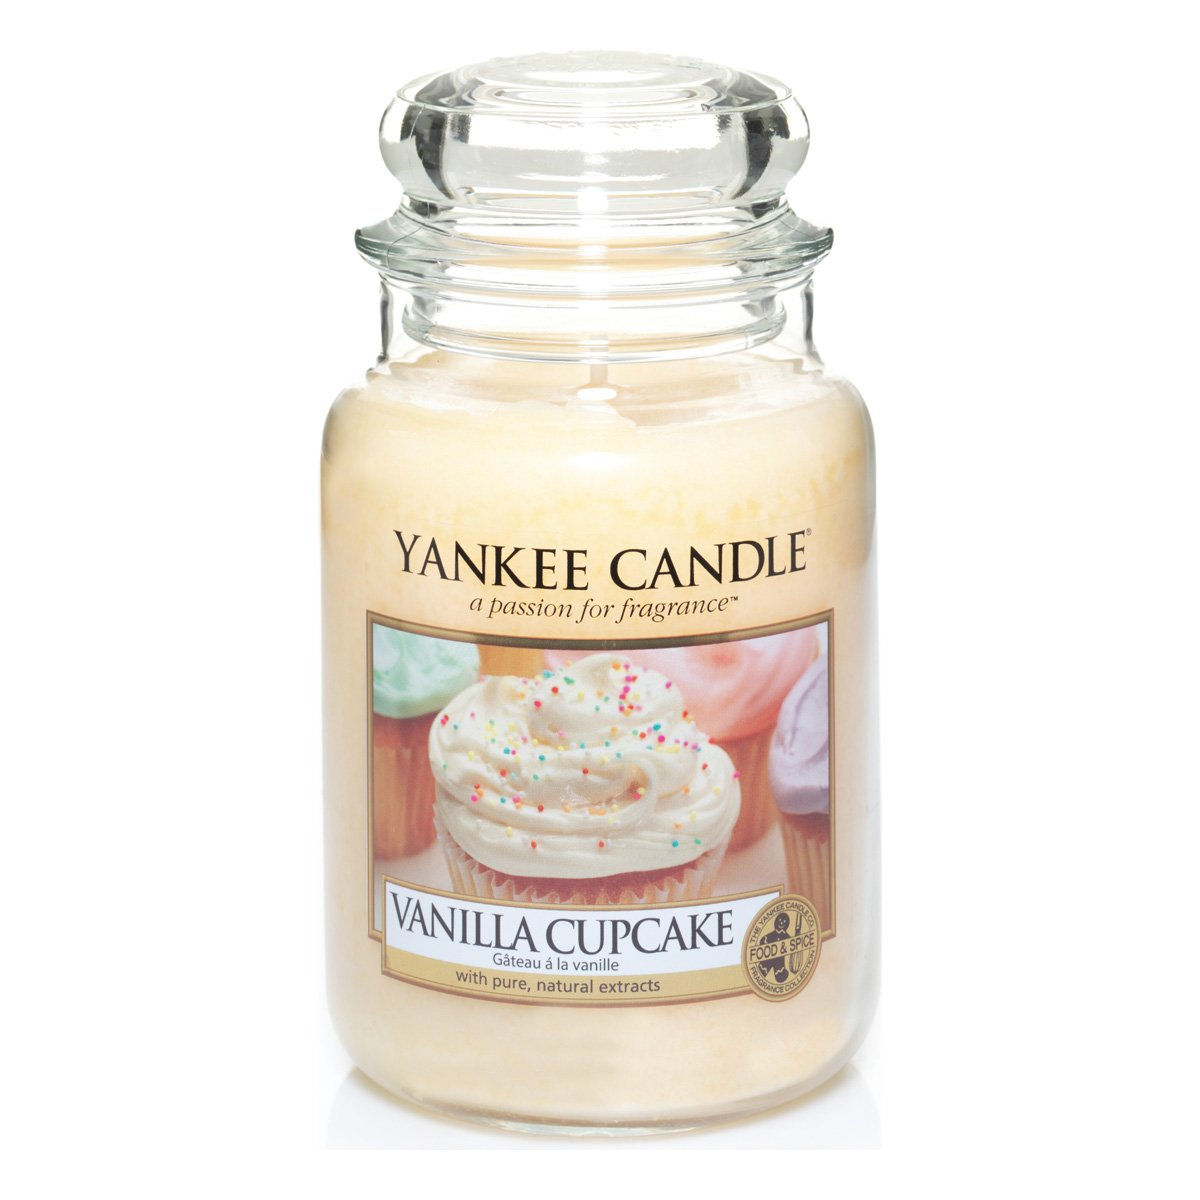 Yankee candle-kerze-geschenk